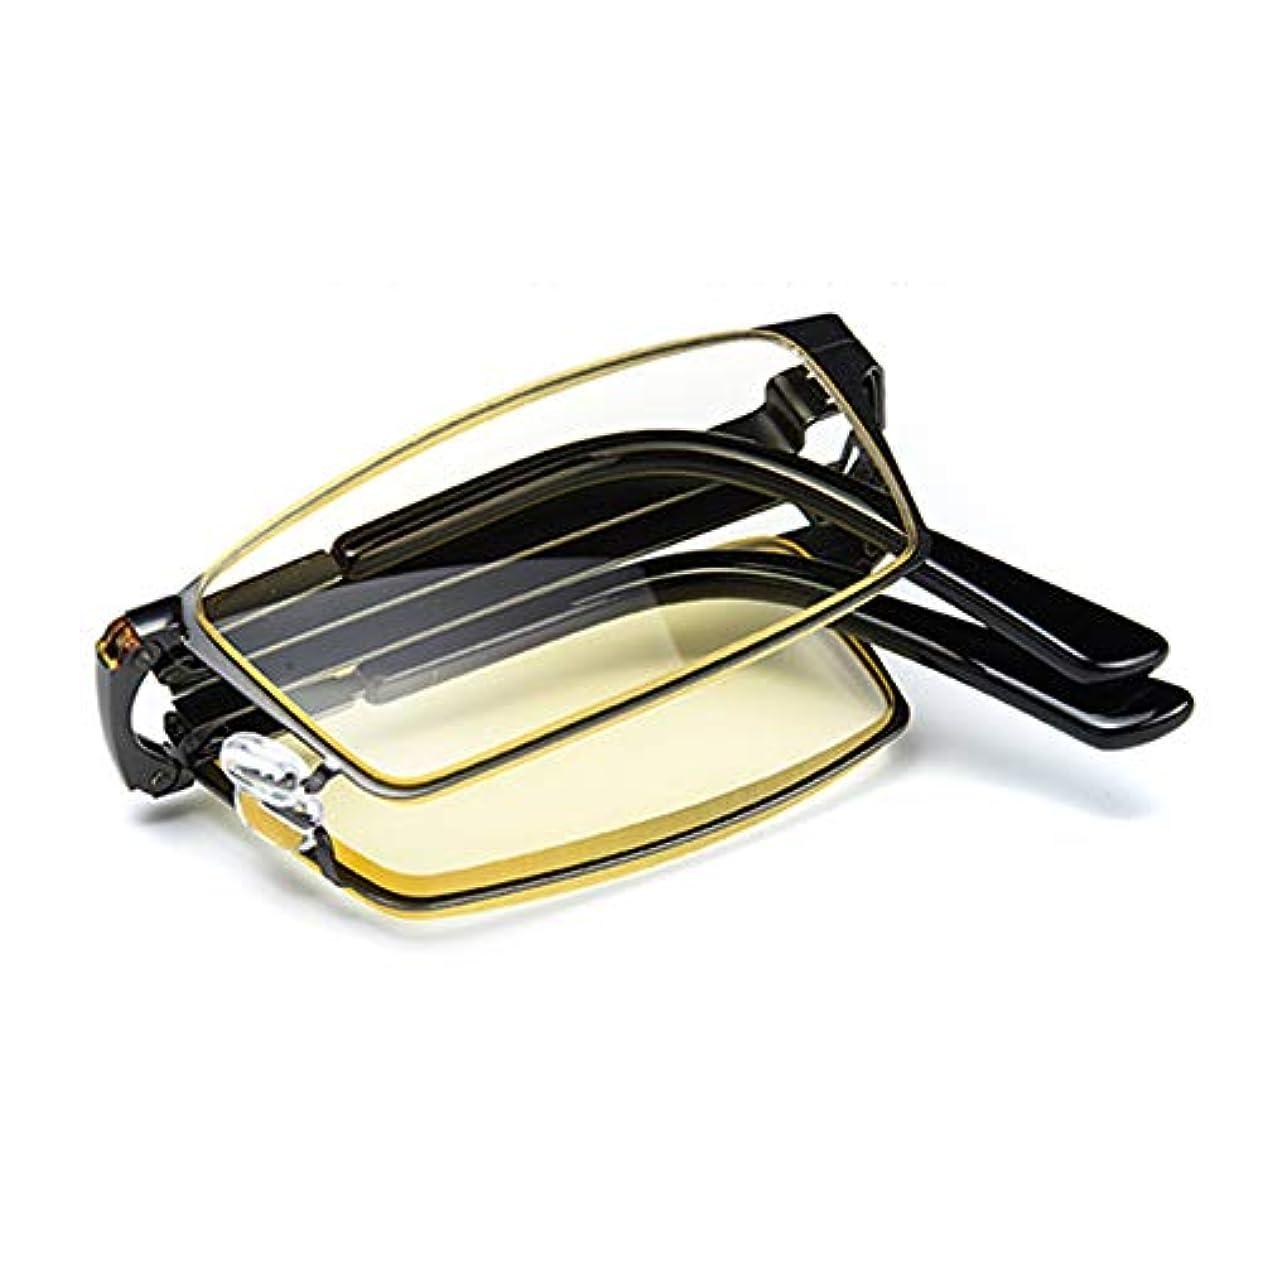 折りたたみ式アンチブルー老眼鏡、超軽量高精細ライトブラウンレンズ老眼鏡、抗UV老眼鏡、両親最高の贈り物ZDDAB